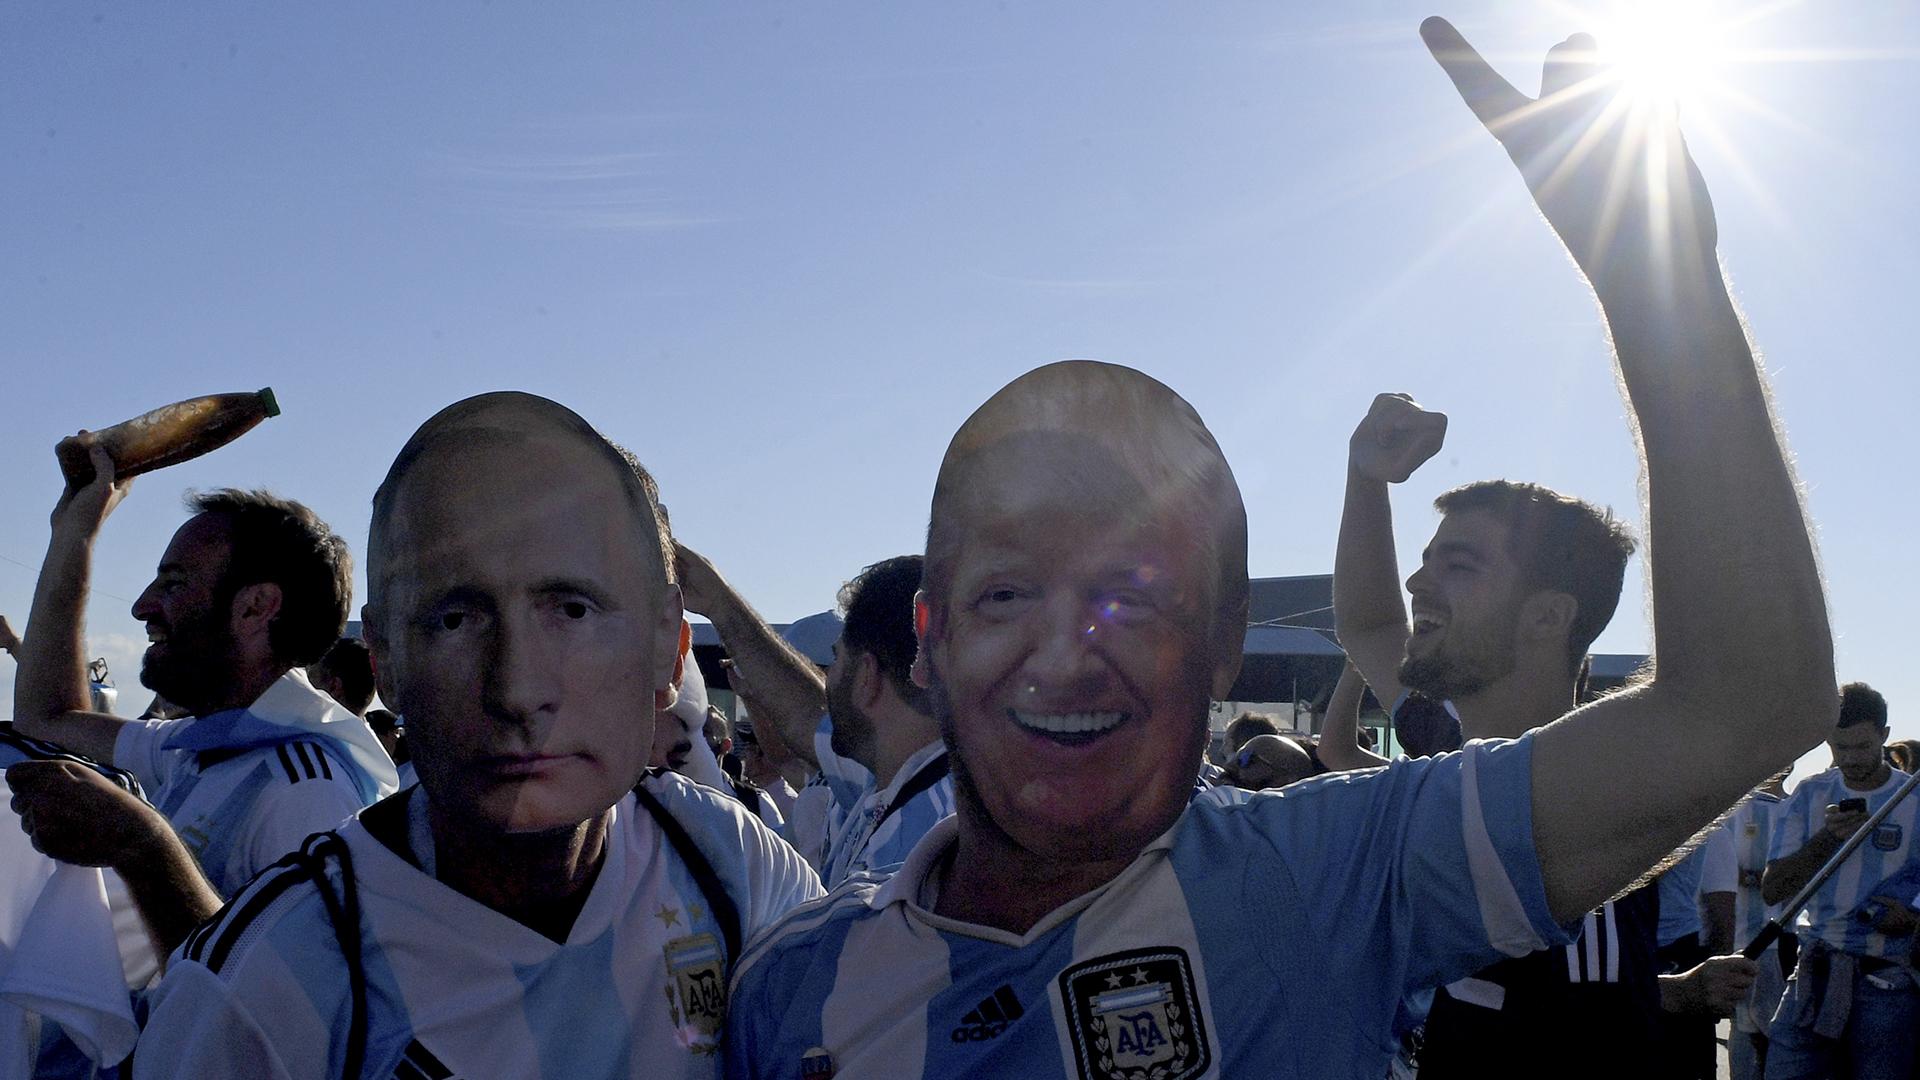 Algunos argentinos con sentido del humor llevaron caretas del presidente Putín